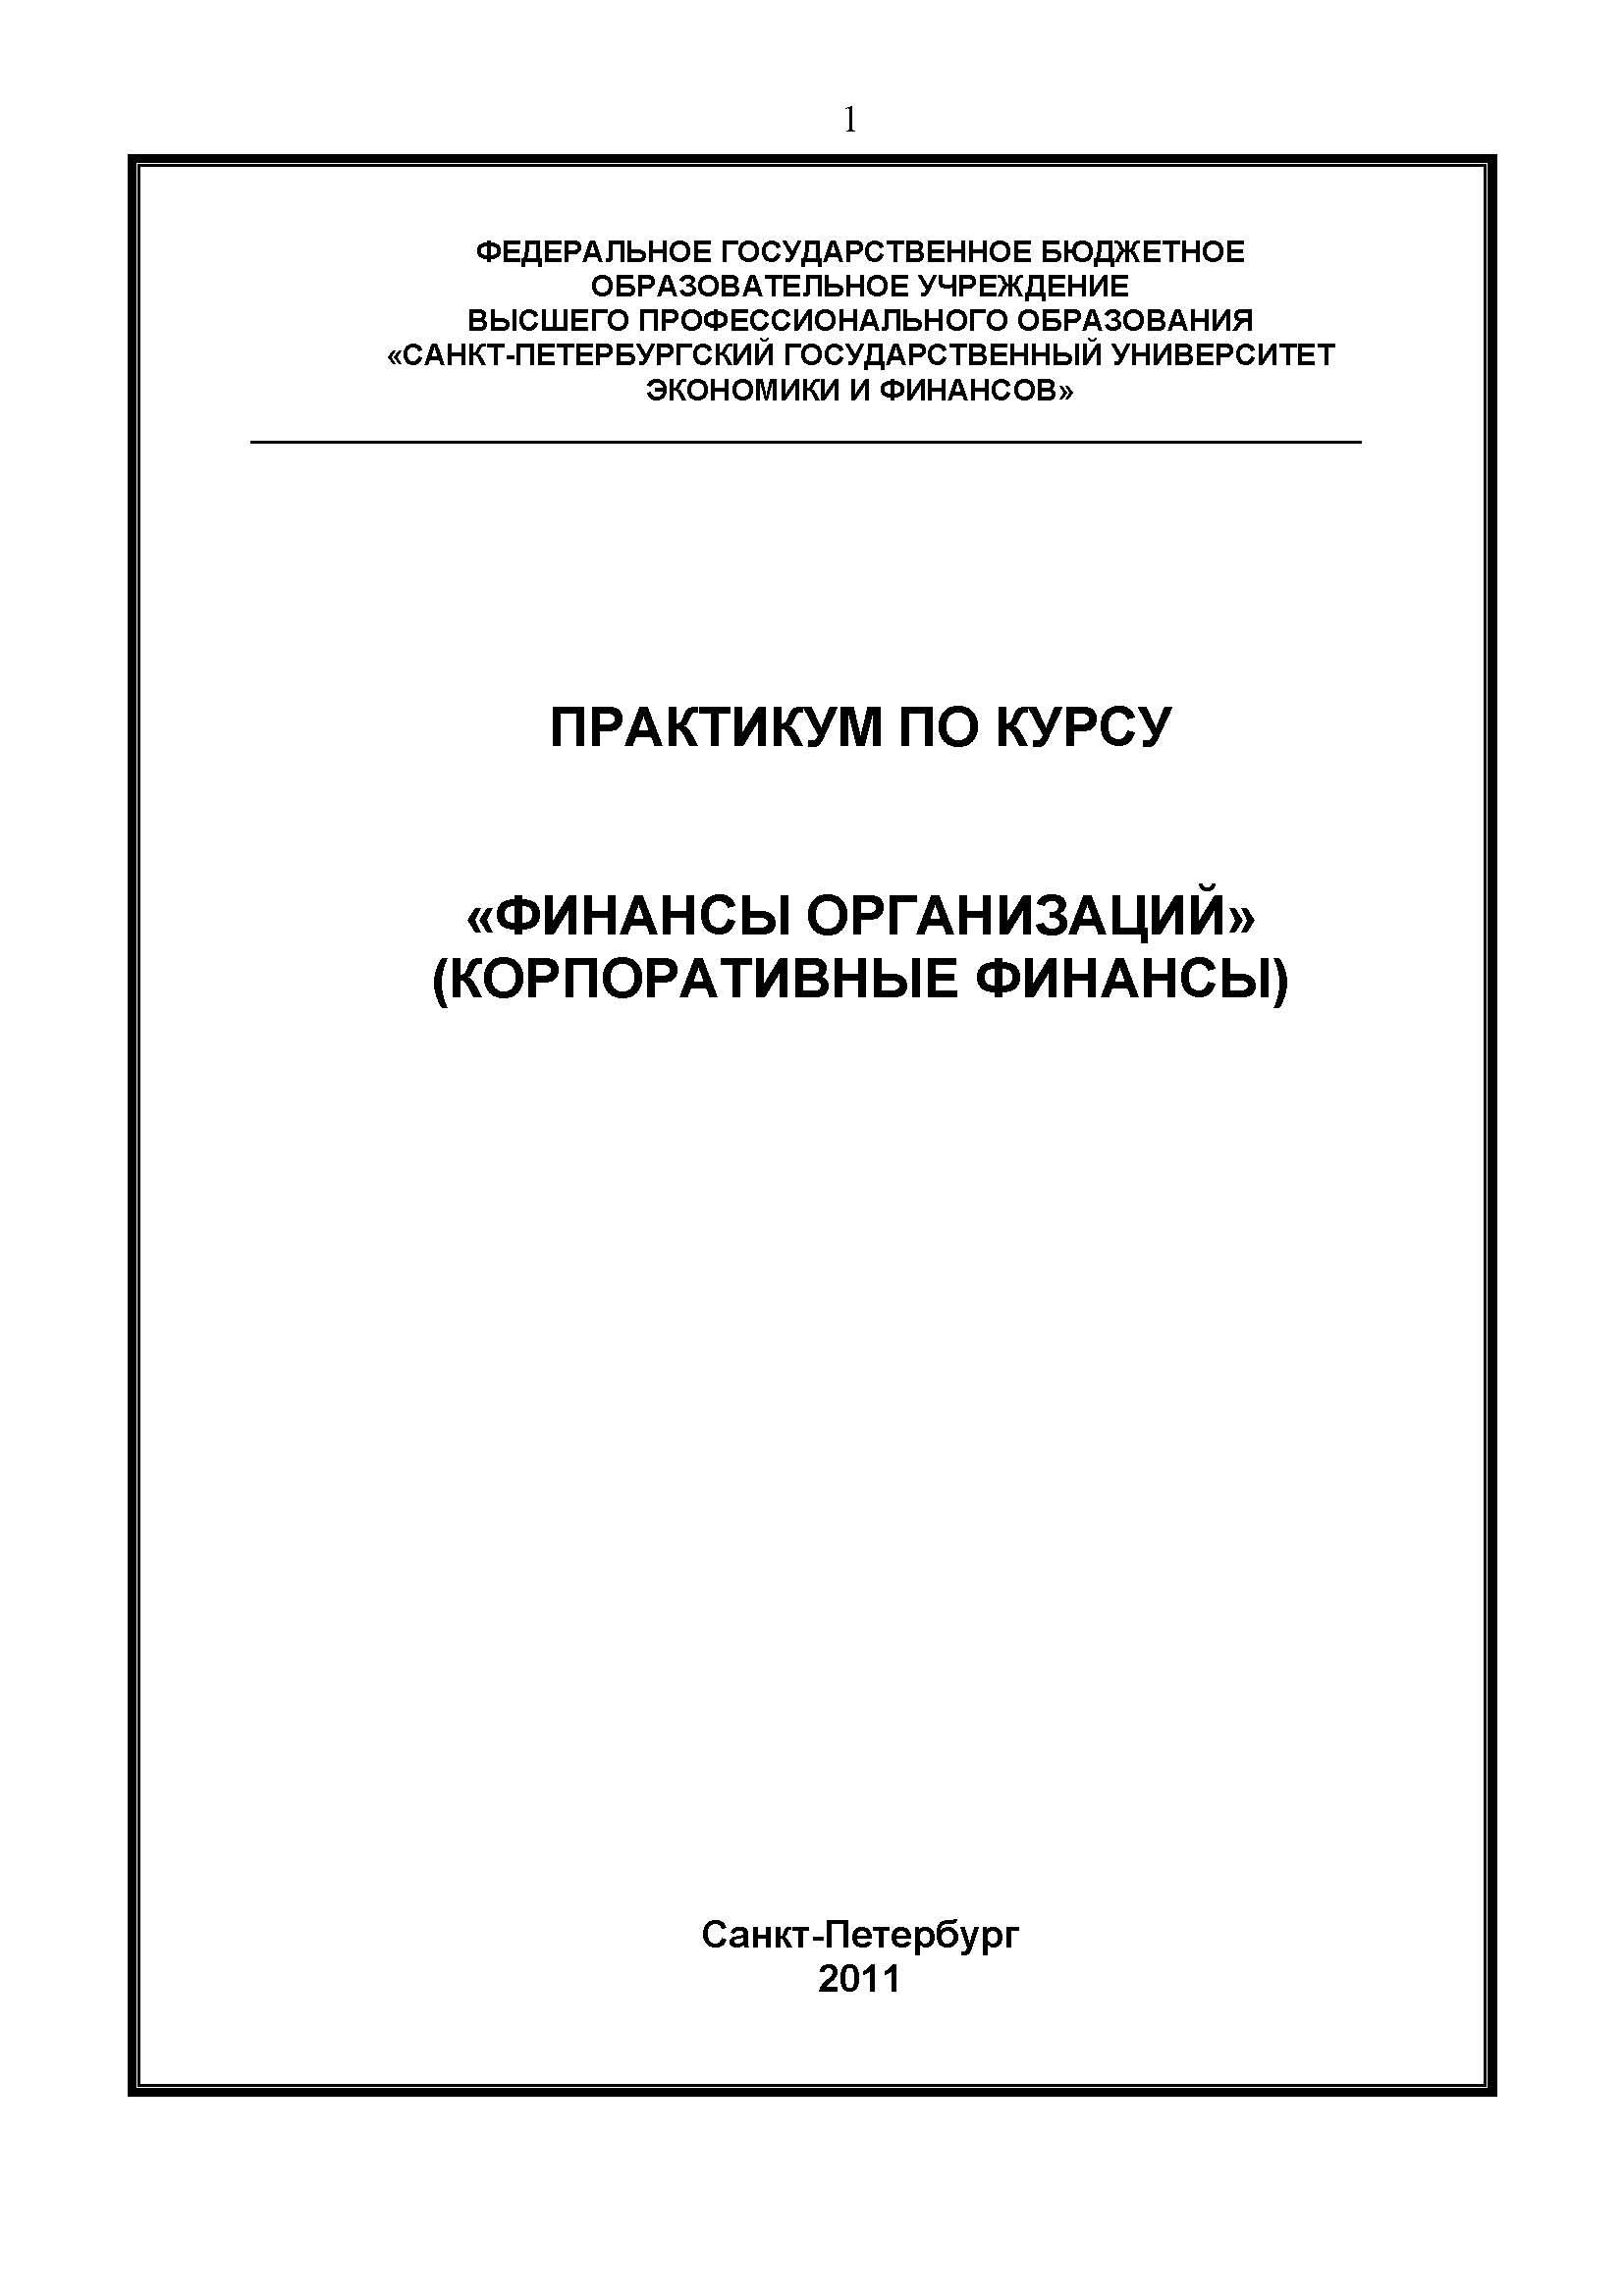 Практикум по курсу «Финансы организаций» (Корпоративные финансы)